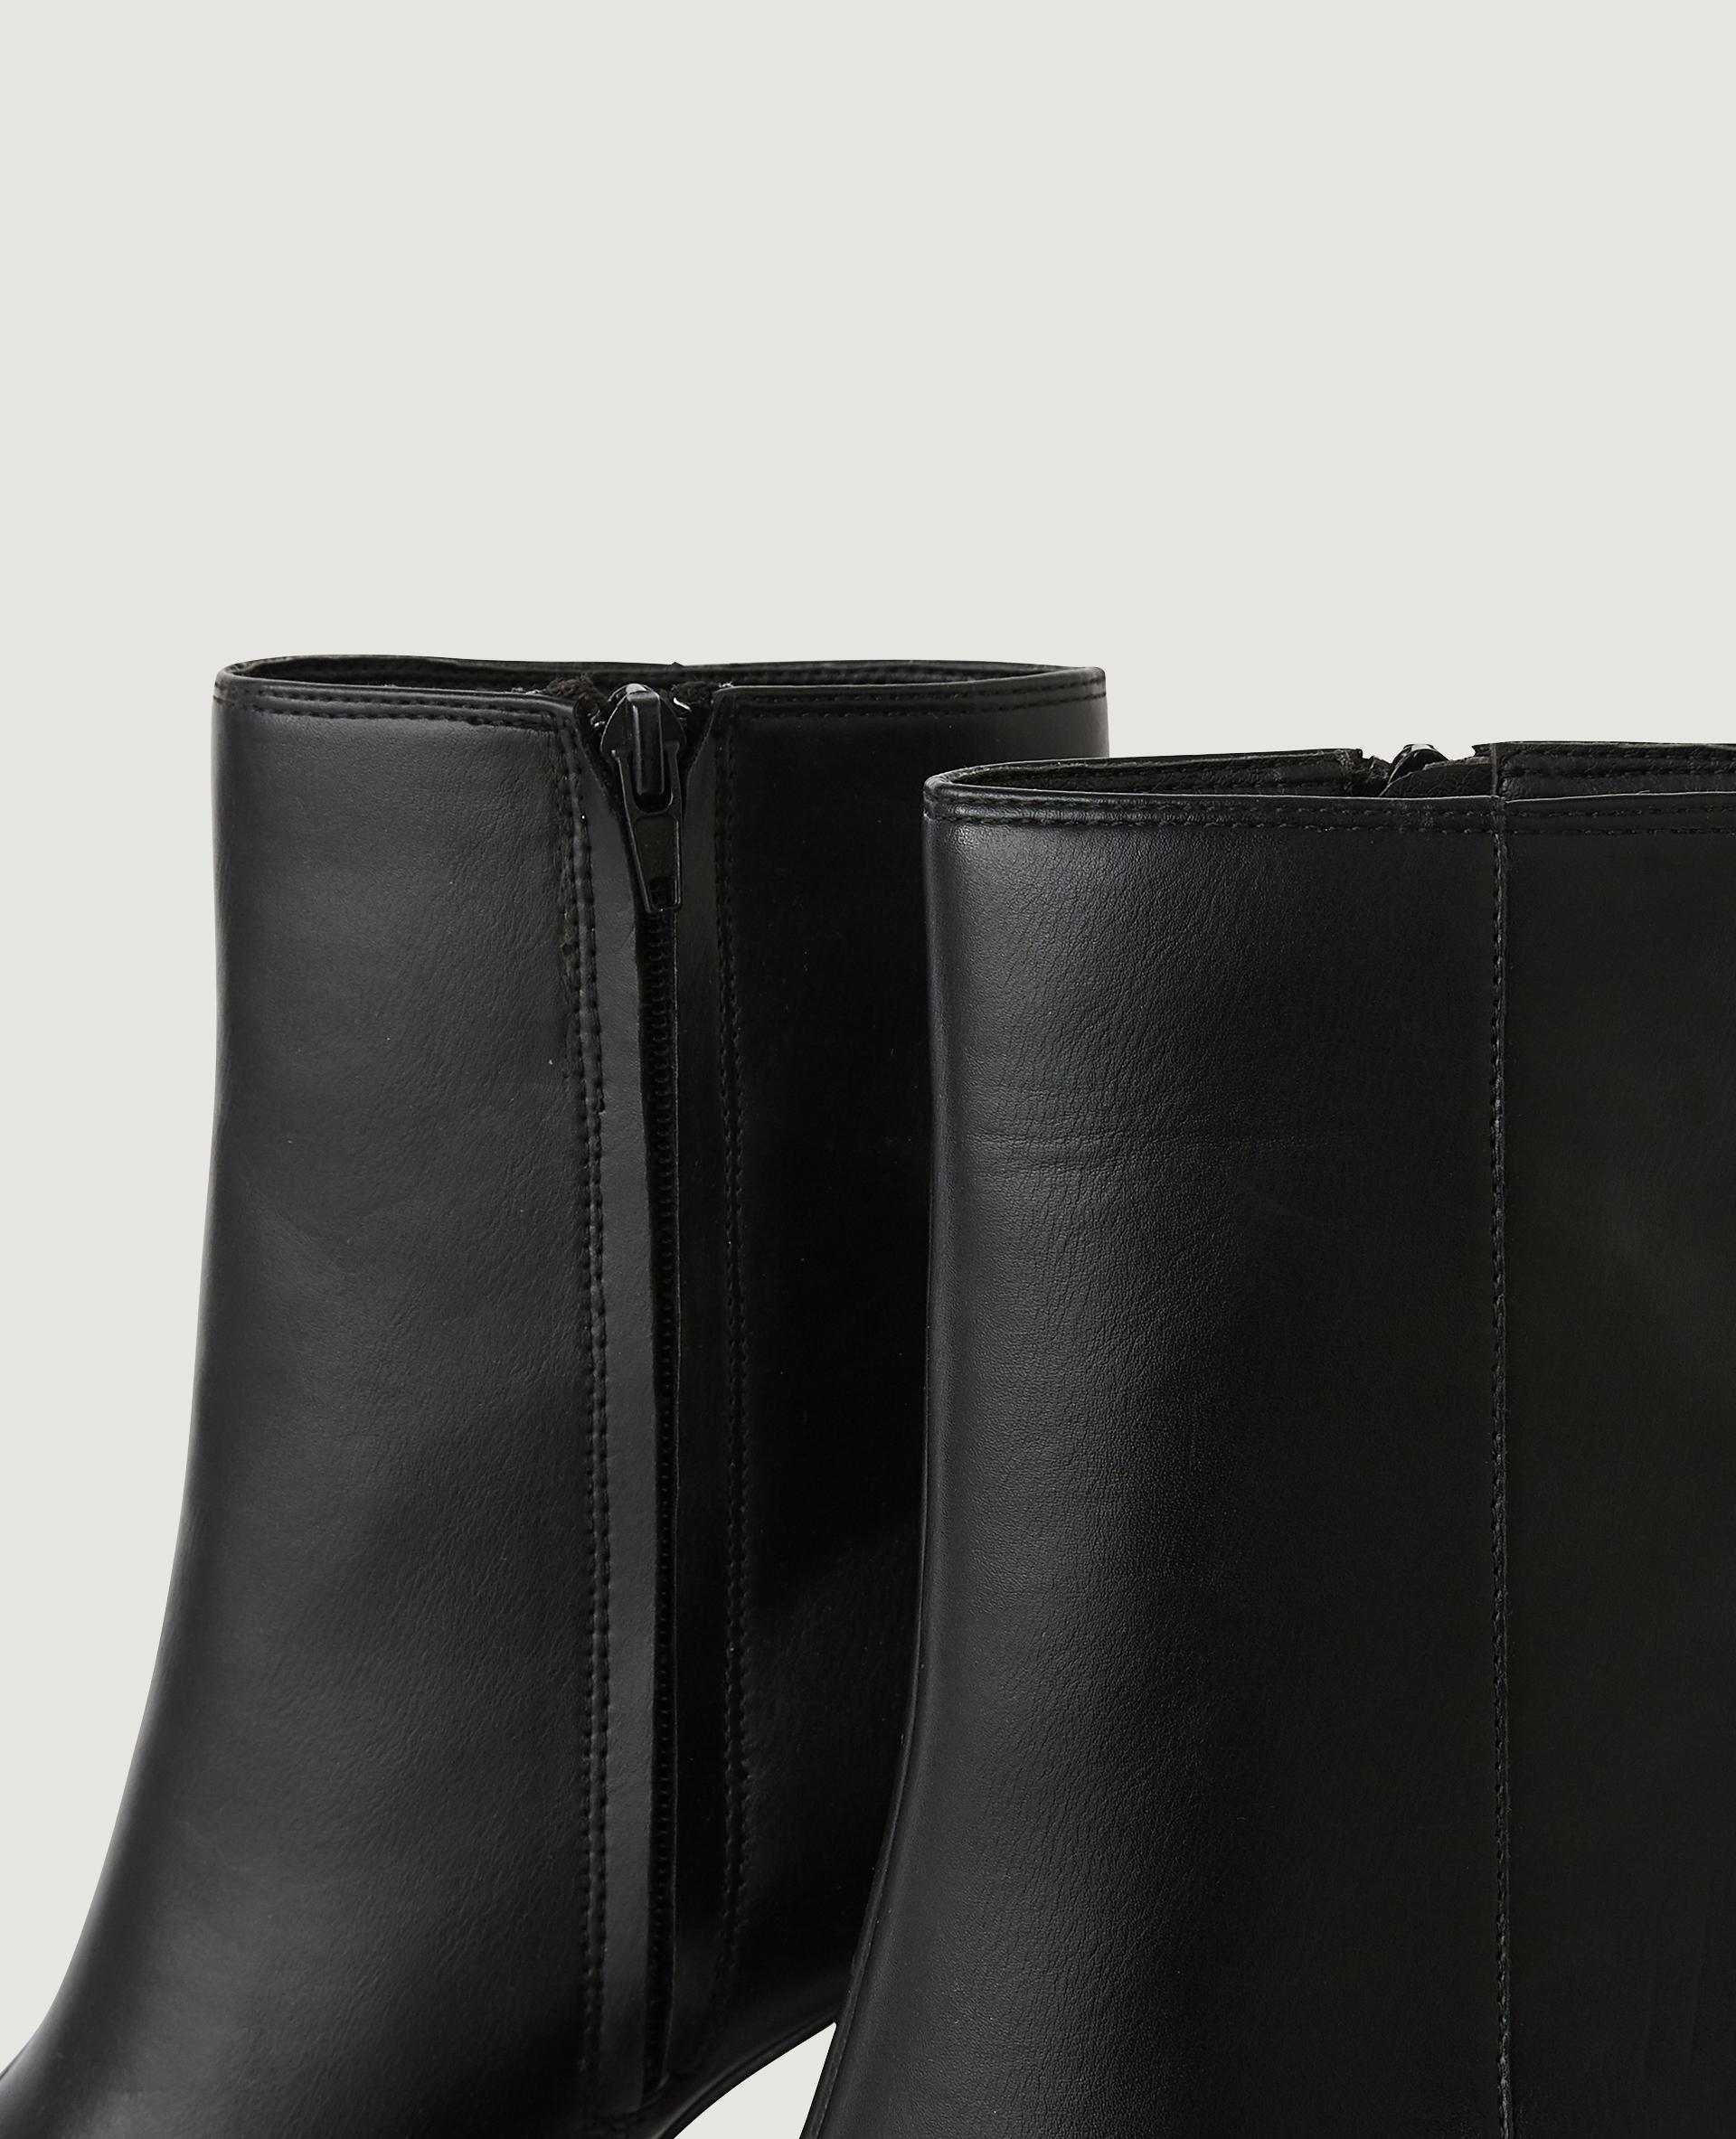 Bottines simili cuir à talon noir - Pimkie